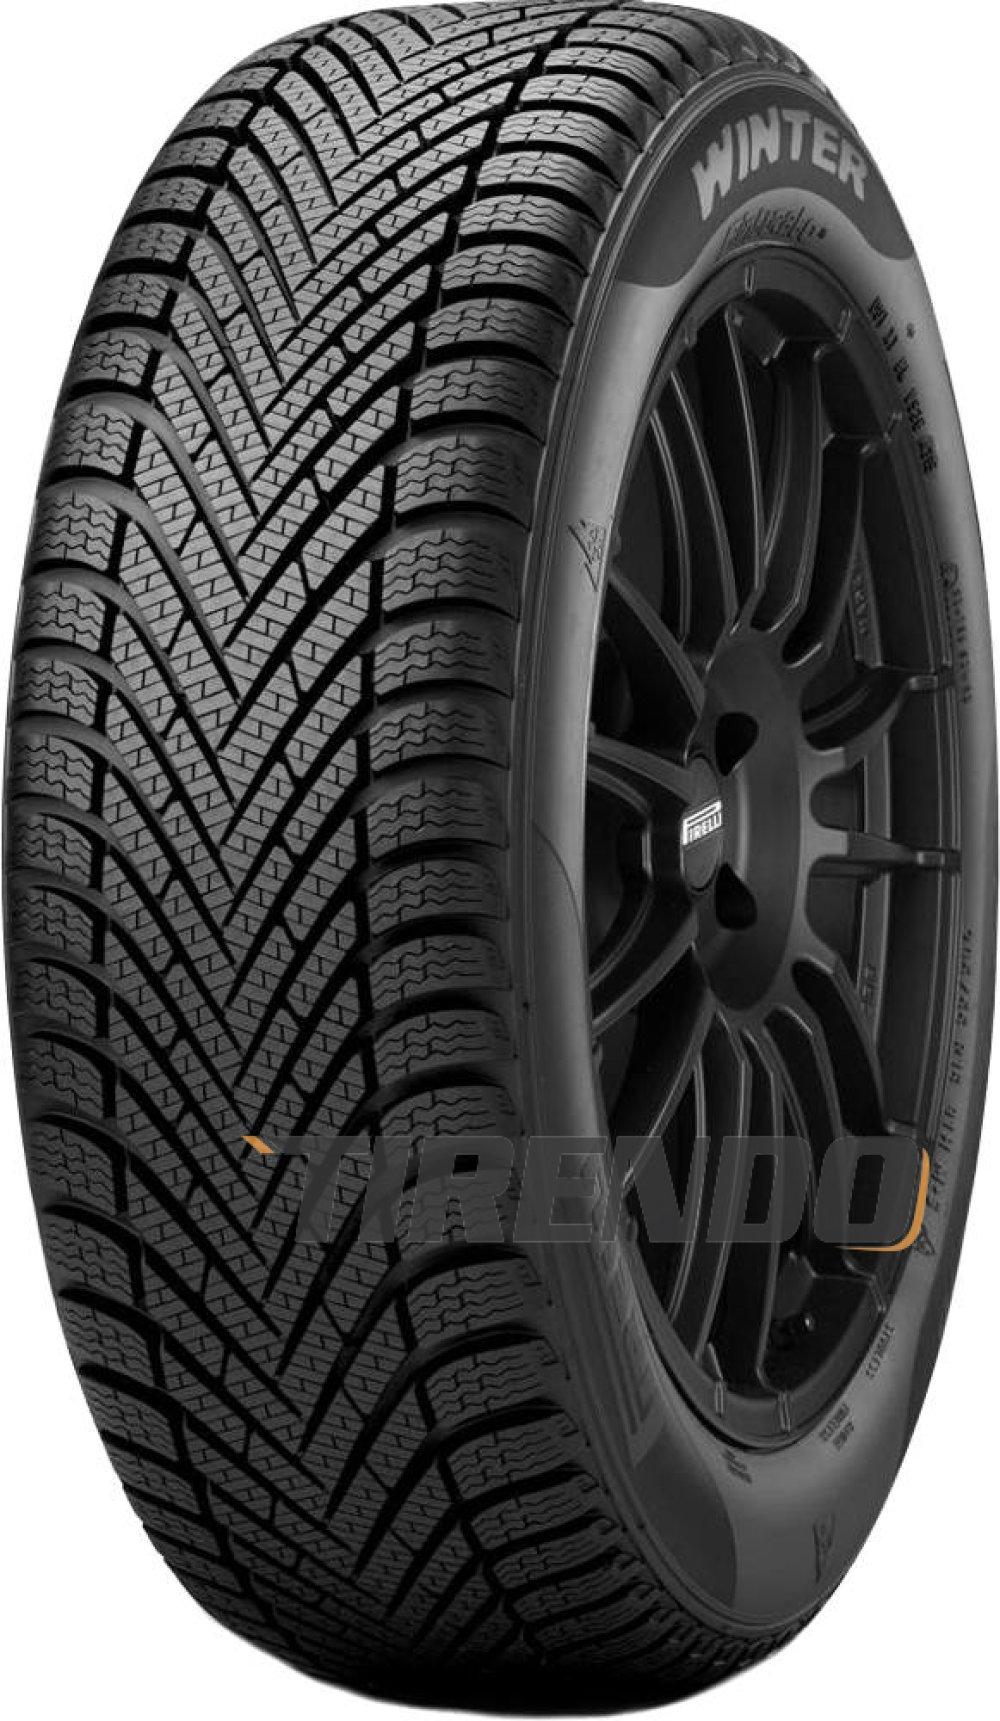 Pirelli Cinturato Winter ( 185/55 R15 86H XL )